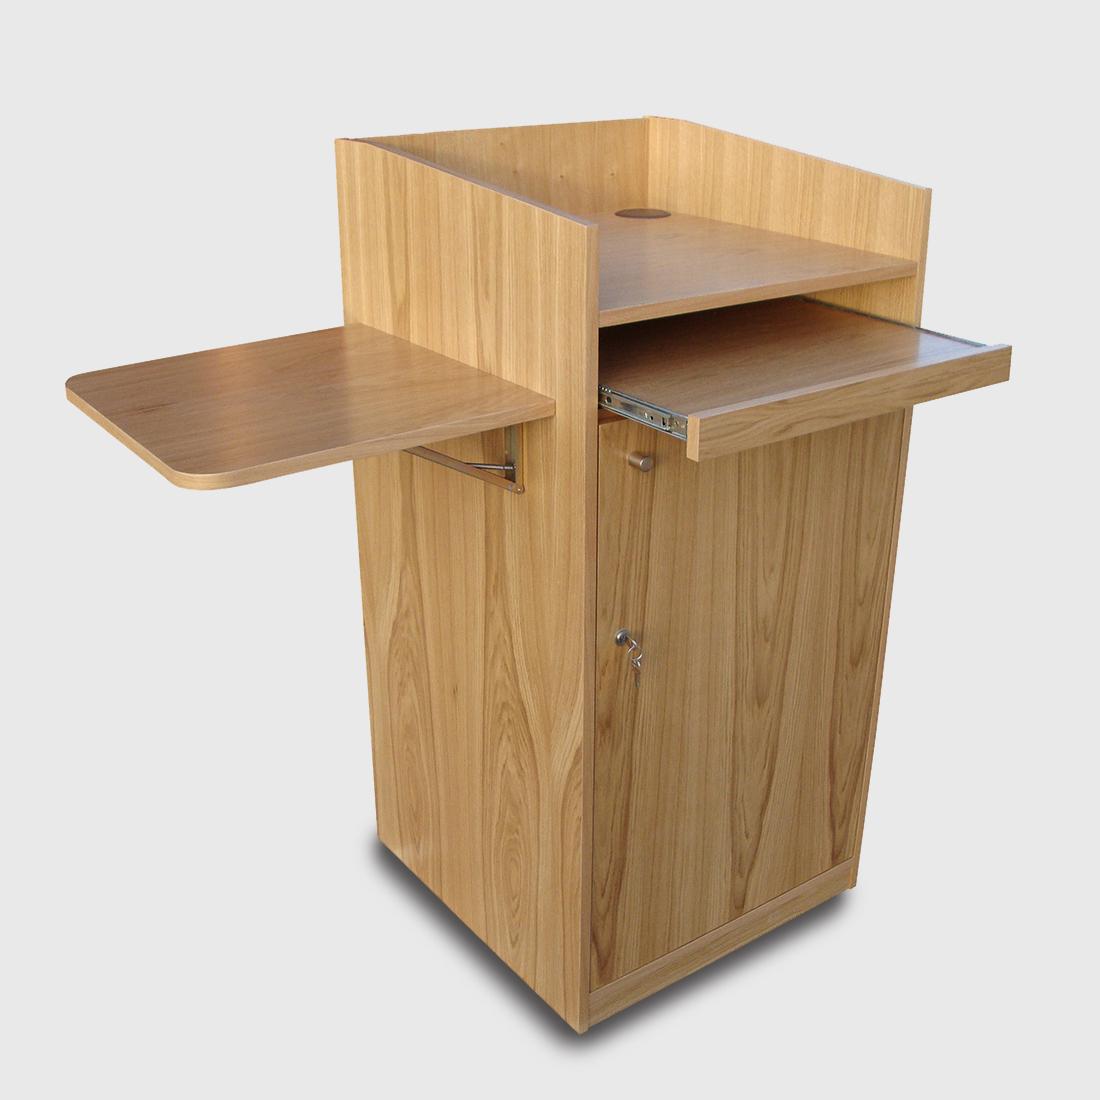 PRO AV AV Lectern 01 - Wood Lectern - Material – Veneer